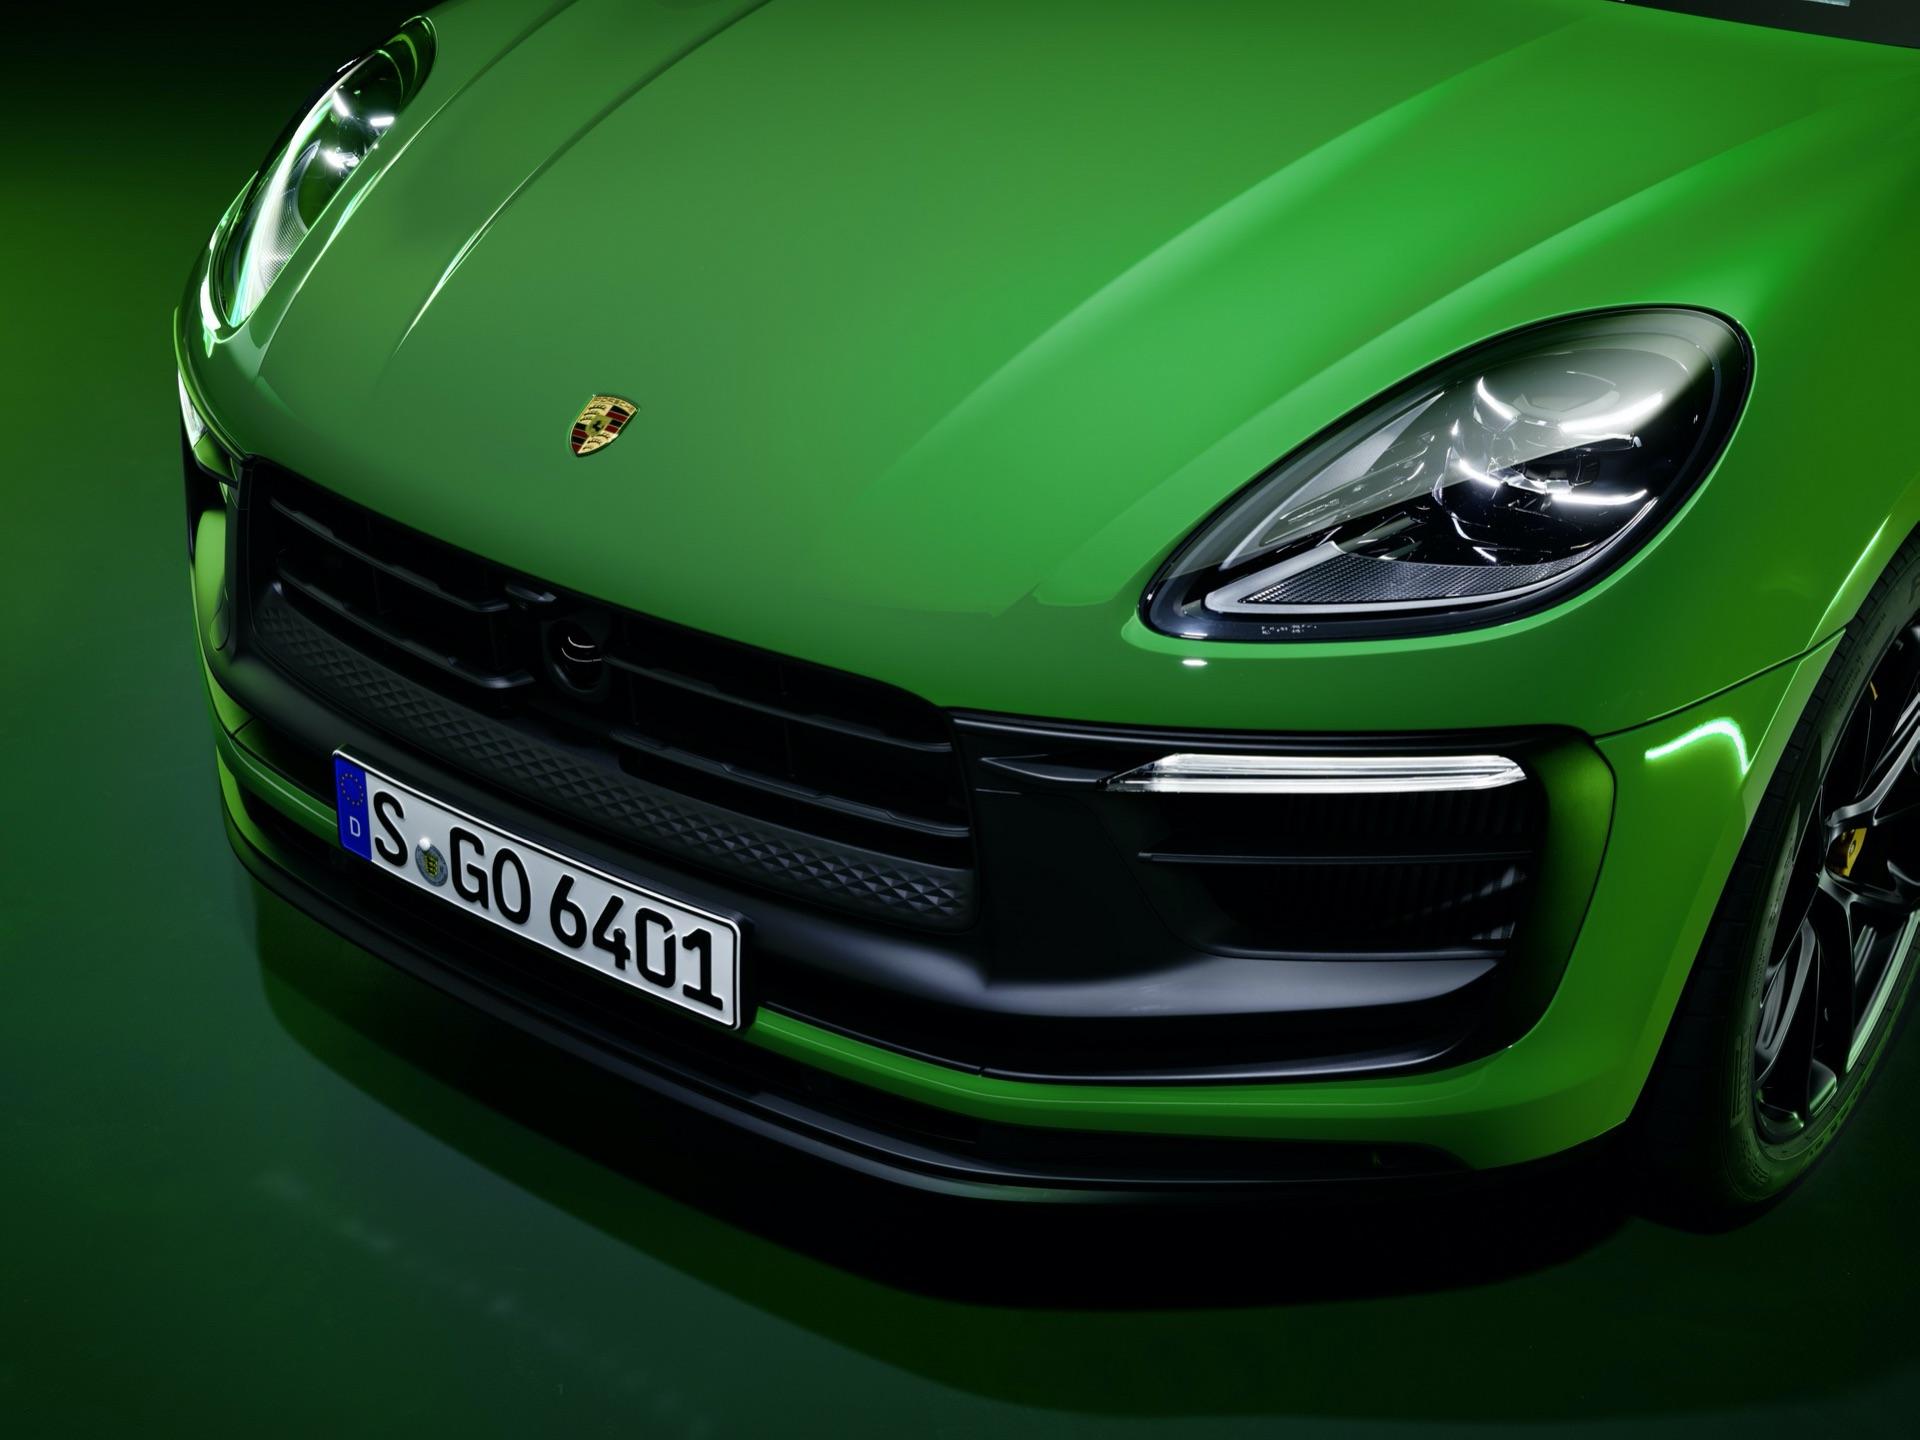 Porsche-Macan-Facelift-40